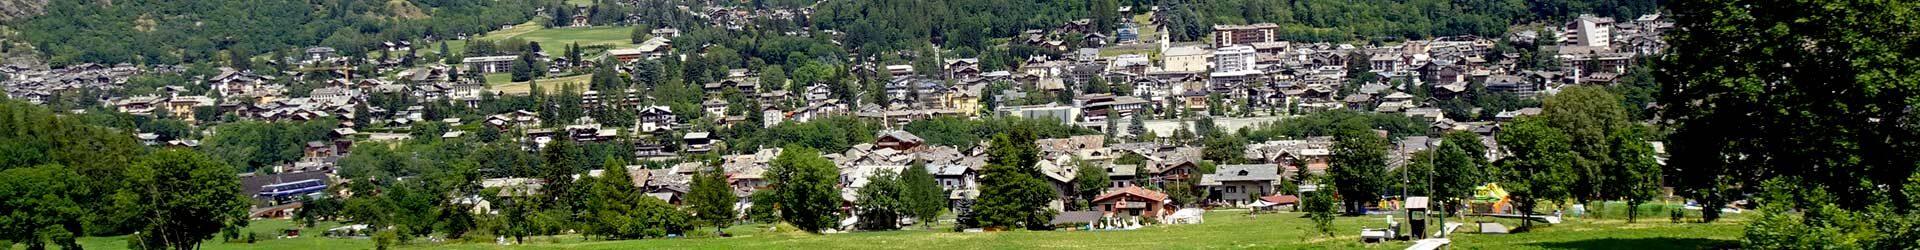 Hotel Aigle Courmayeur Mont Blanc